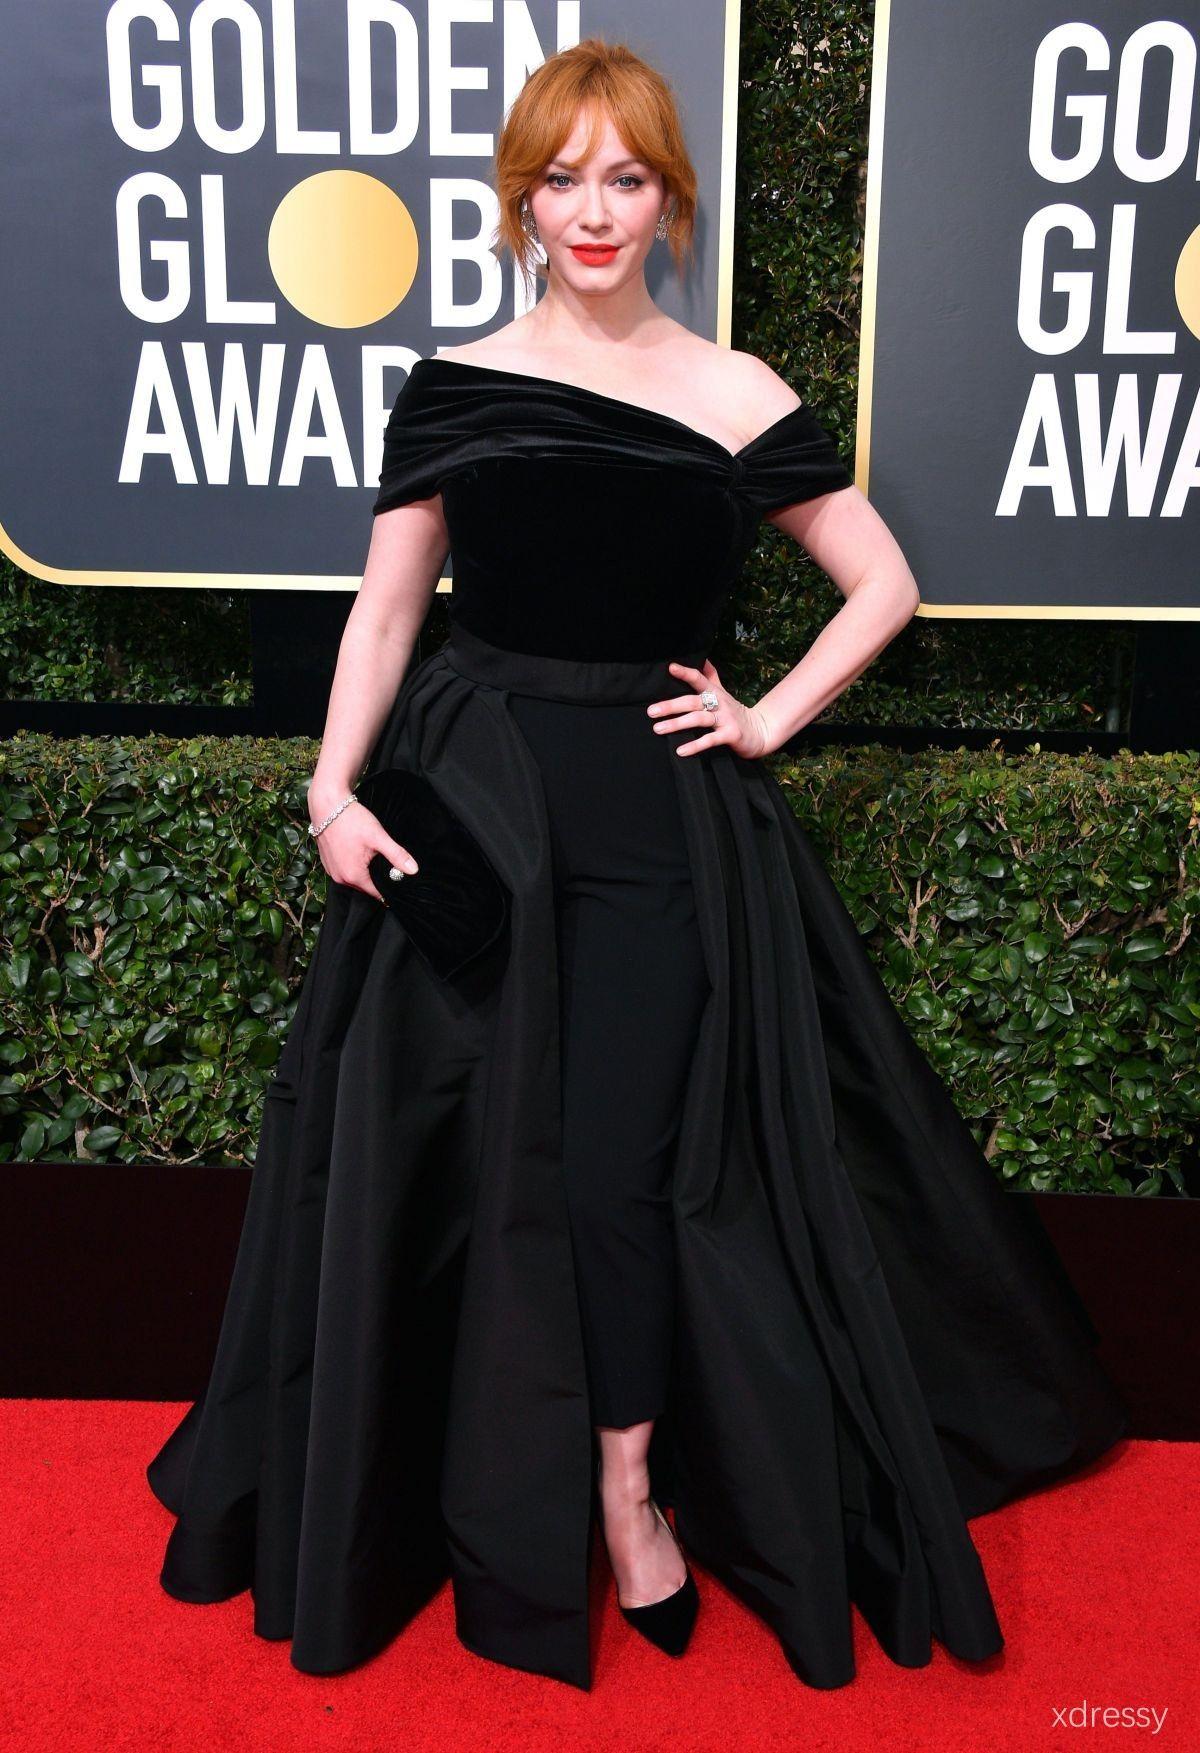 112892488e5 Christina Hendricks Black Asymmetrical Neckline with Split Skirt Prom Ball  Gown Golden Globes 2018 Red Carpet